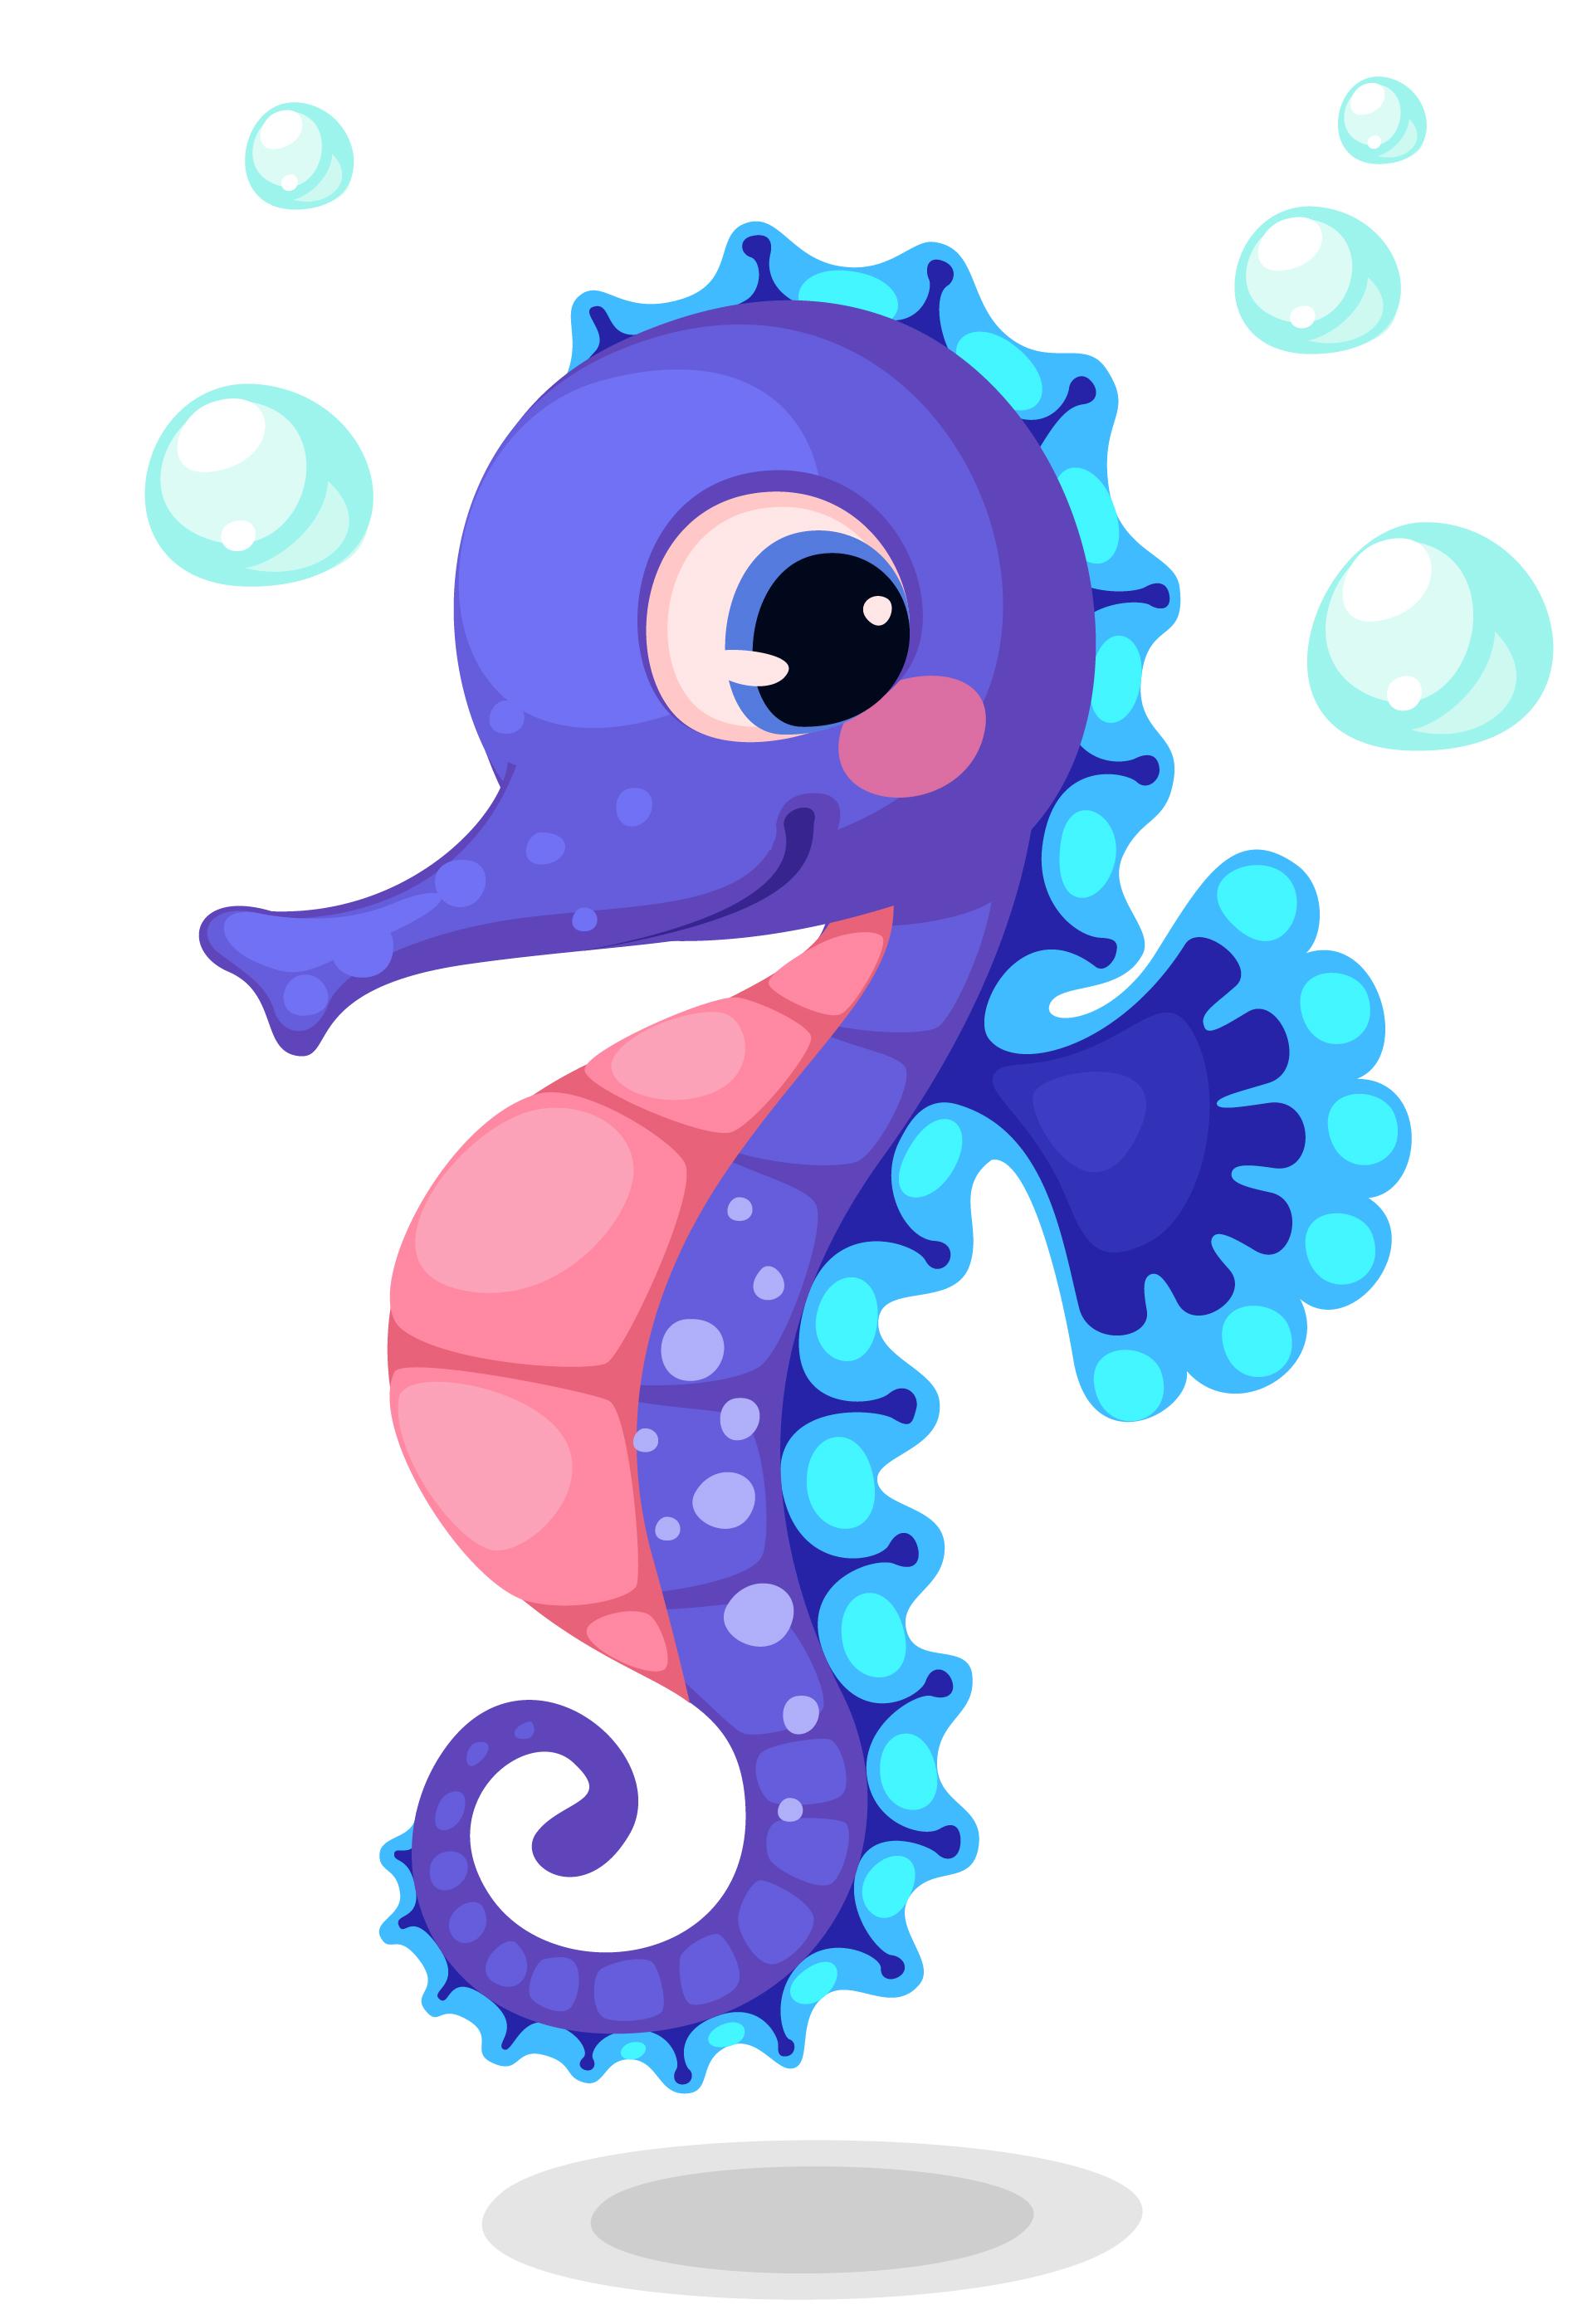 Cute Blue Seahorse Cartoon Download Free Vectors Clipart Graphics Vector Art